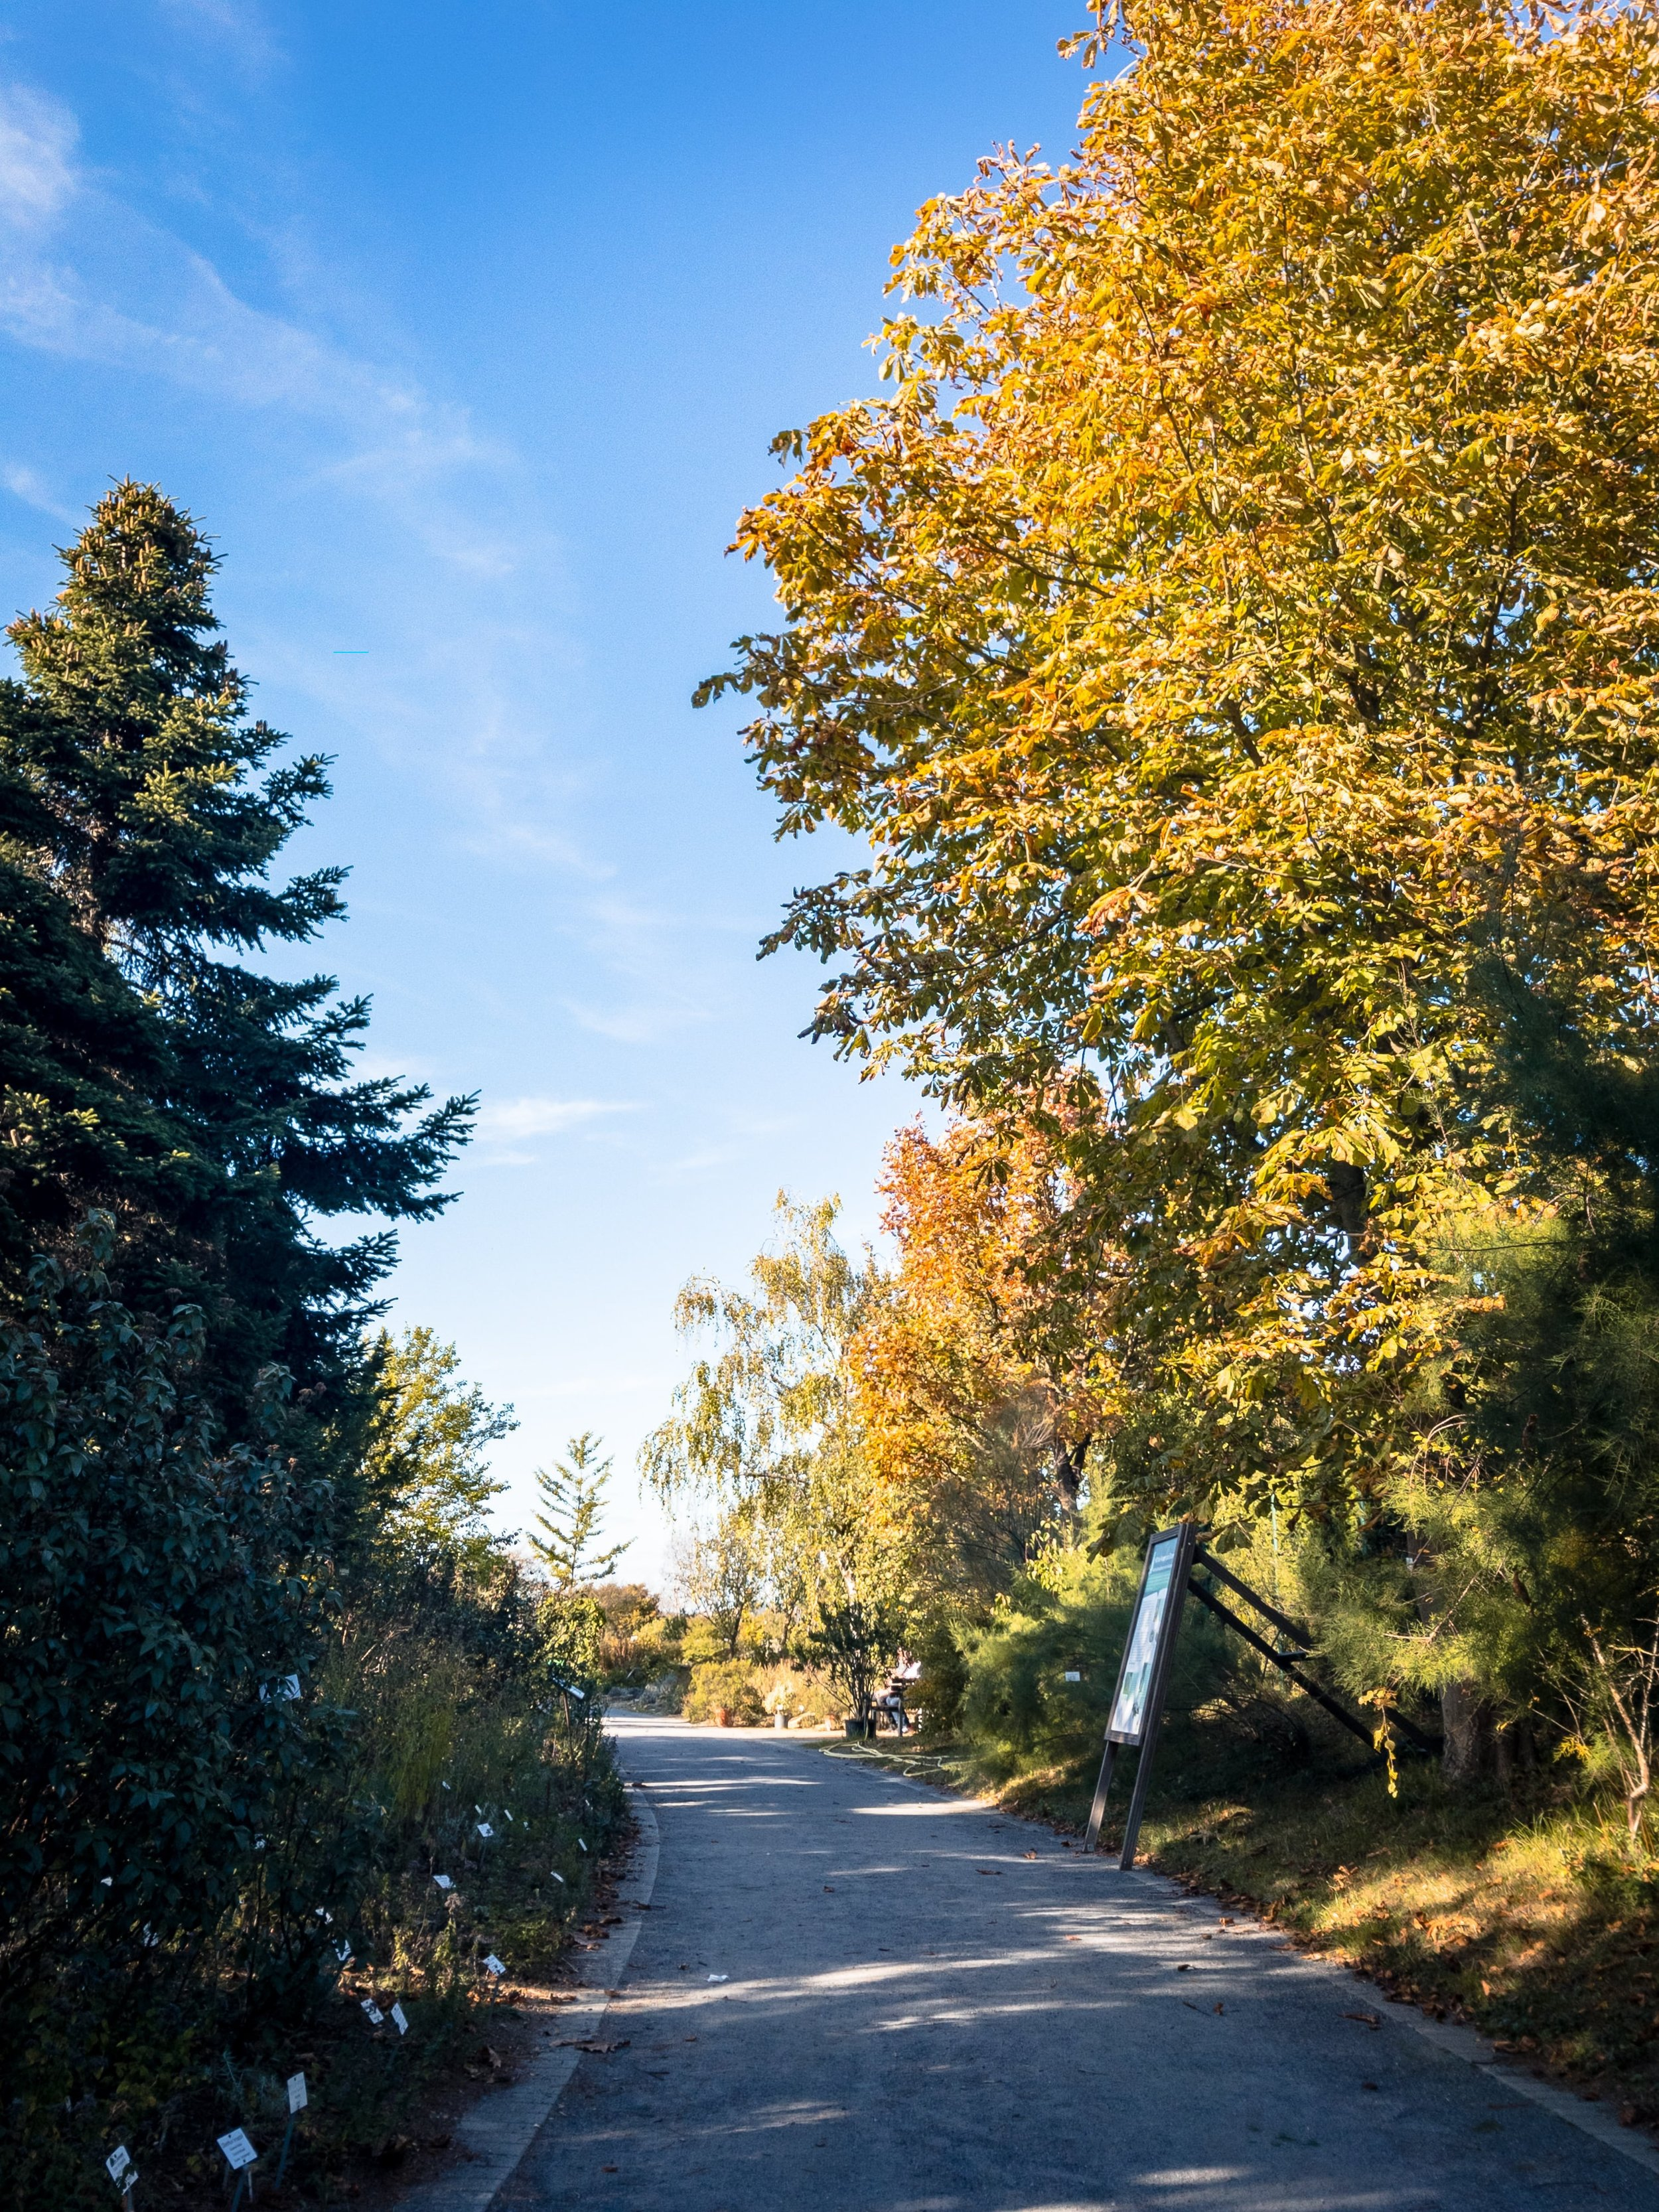 APC_0359-hdr - Herbst ShotoniPhone Autumn Blätter Leaves Sun Sonne Light Threes Licht Bäume Baum Stadt Osnabrück.jpg